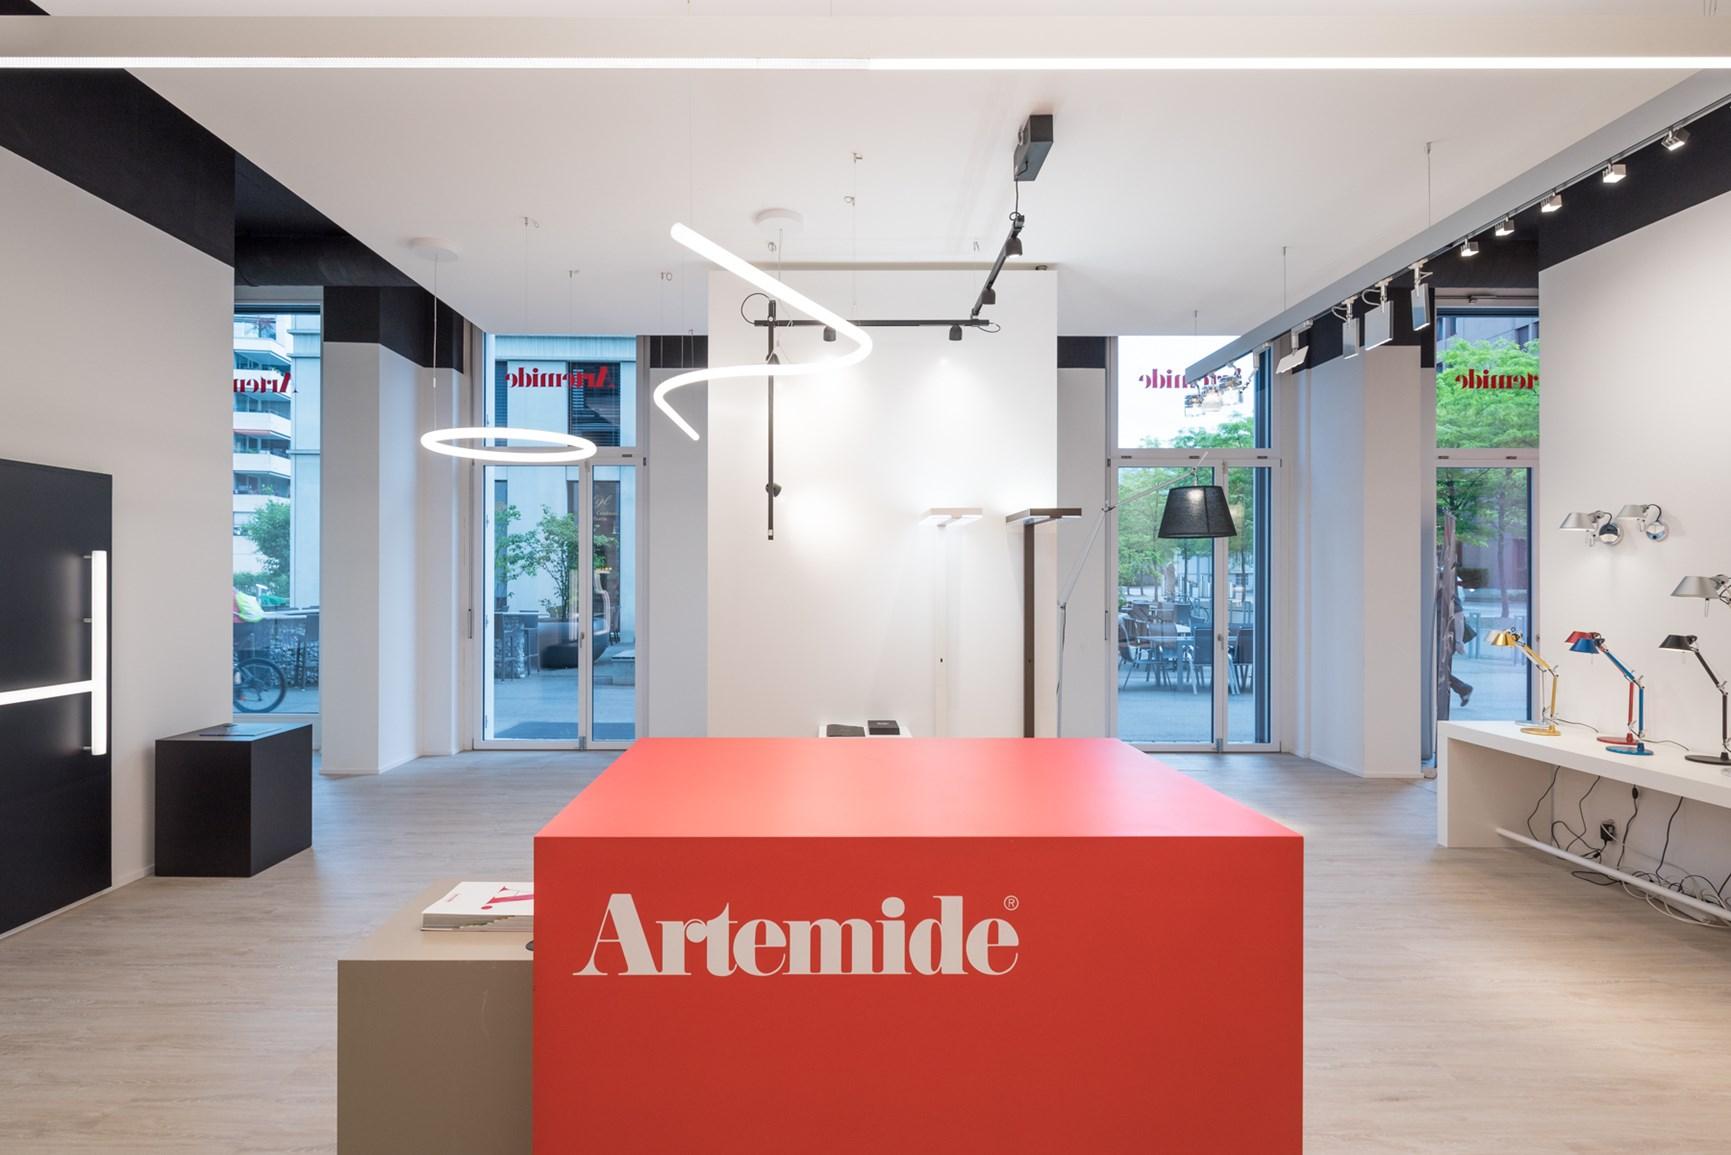 Artemide plafoniere moderne applique da bagno artemide lampadari